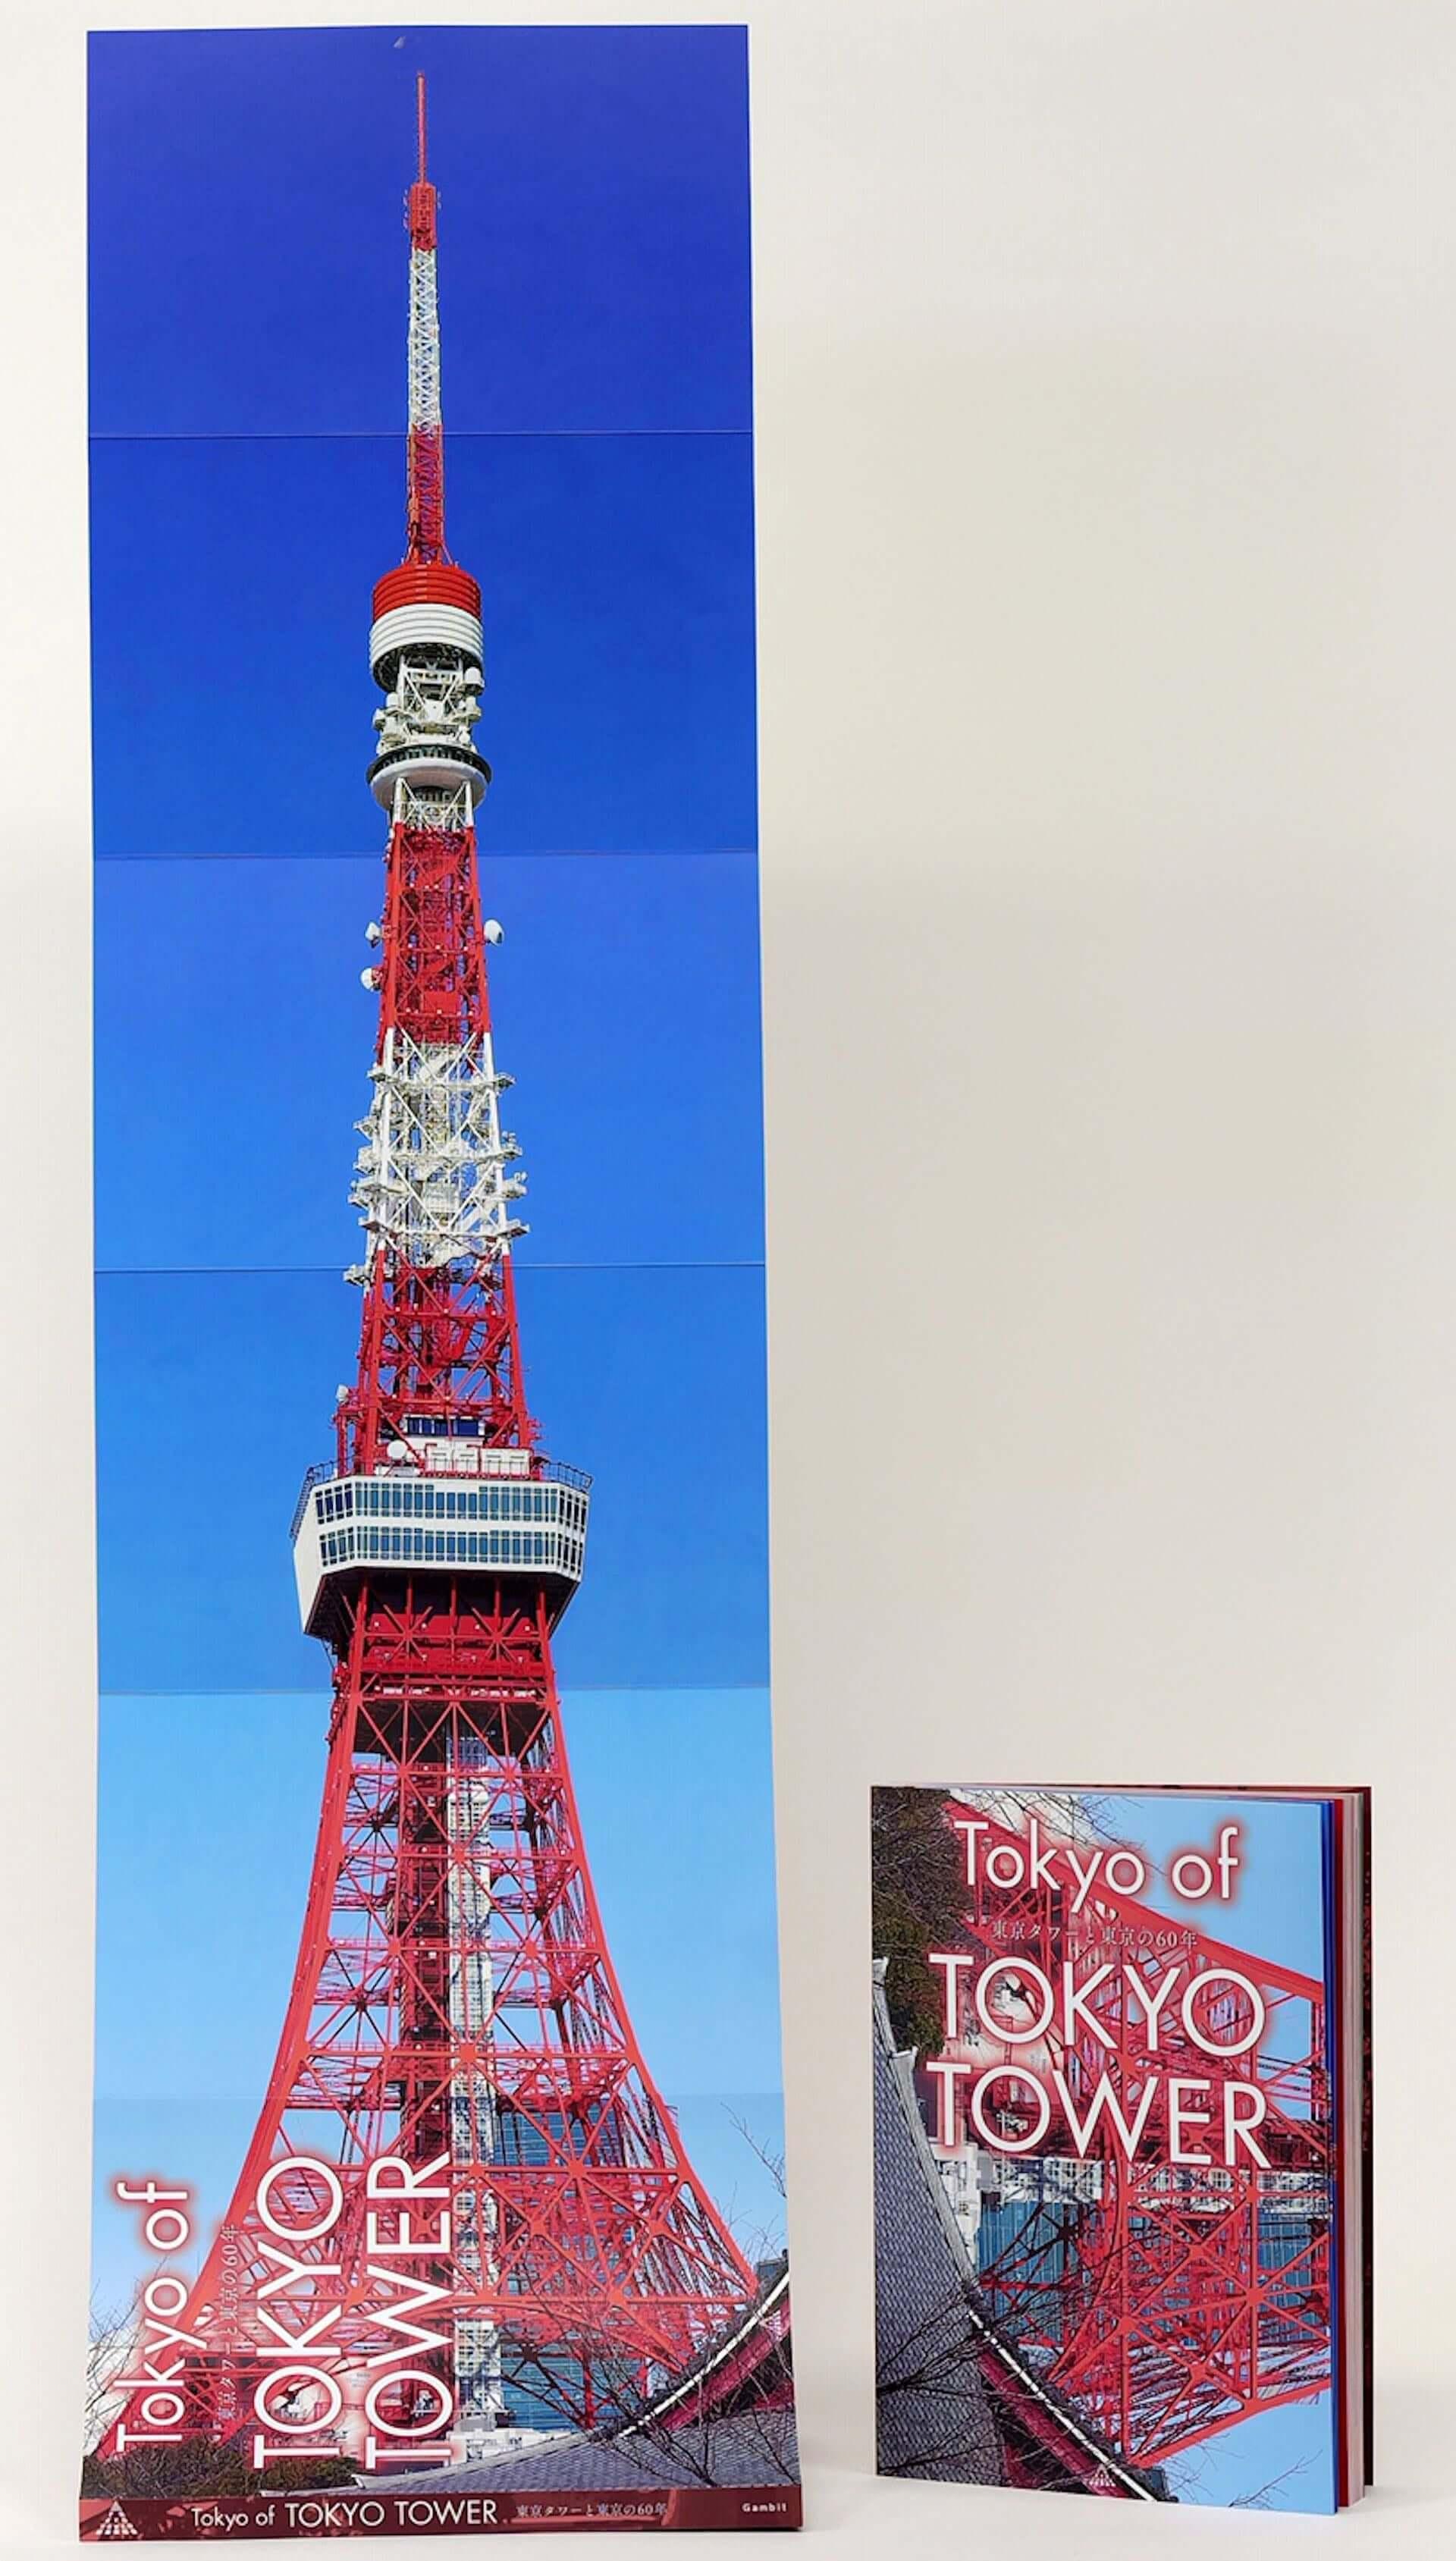 東京タワーと東京の歴史に迫る!書籍『Tokyo of TOKYO TOWER 東京タワーと東京の60年』が刊行決定&特別体験ツアー応募ハガキも同梱 art201204_tokyotower_1-1920x3377